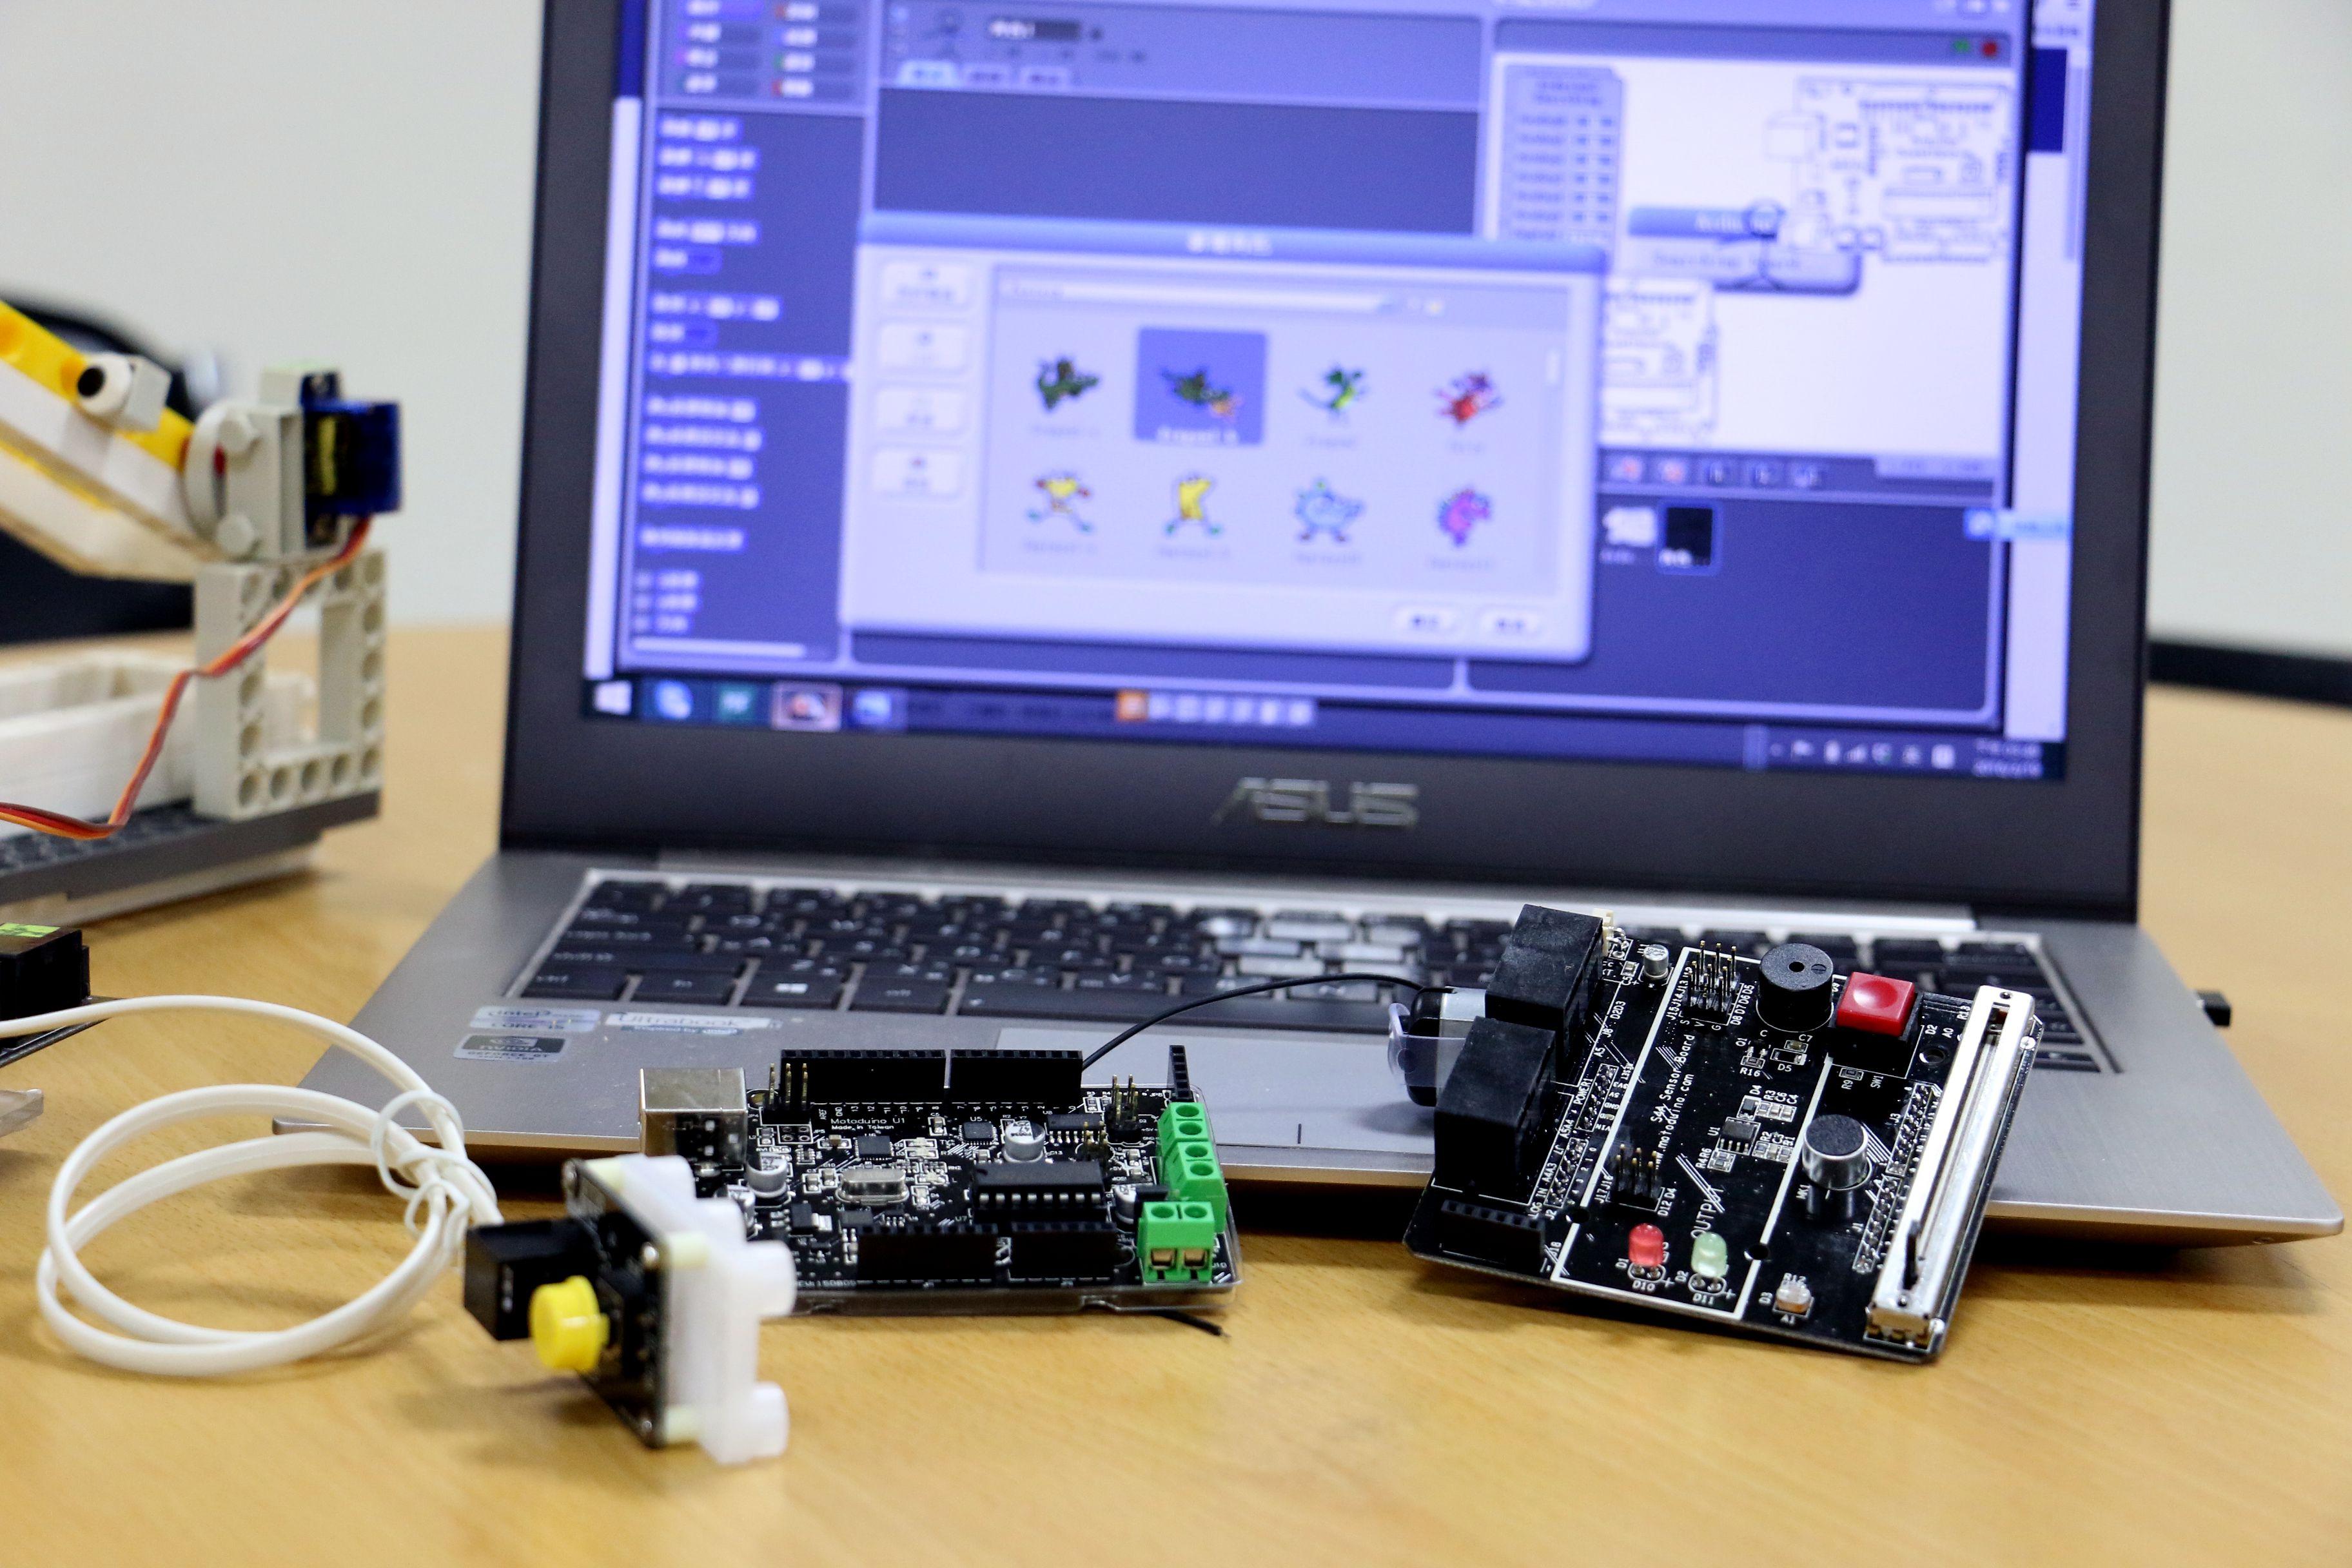 【Maker Club】用 Scratch 玩 Arduino入門第一課!認識Scratch介面開發環境,玩好積木角色及造型 | T客邦